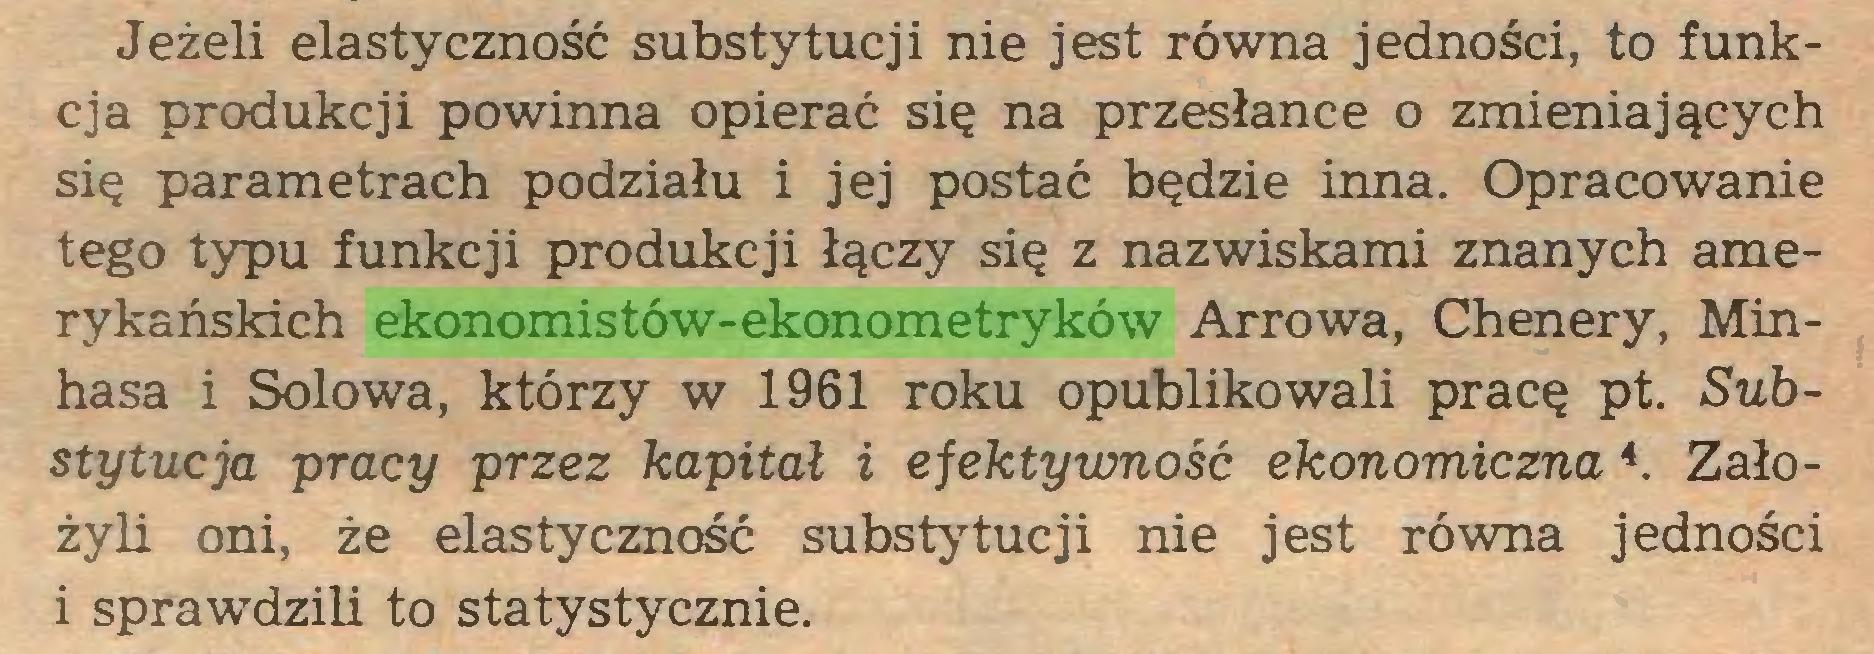 (...) Jeżeli elastyczność substytucji nie jest równa jedności, to funkcja produkcji powinna opierać się na przesłance o zmieniających się parametrach podziału i jej postać będzie inna. Opracowanie tego typu funkcji produkcji łączy się z nazwiskami znanych amerykańskich ekonomistów-ekonometryków Arrowa, Chenery, Minhasa i Solowa, którzy w 1961 roku opublikowali pracę pt. Substytucja pracy przez kapitał i efektywność ekonomiczna 4. Założyli oni, że elastyczność substytucji nie jest równa jedności i sprawdzili to statystycznie...